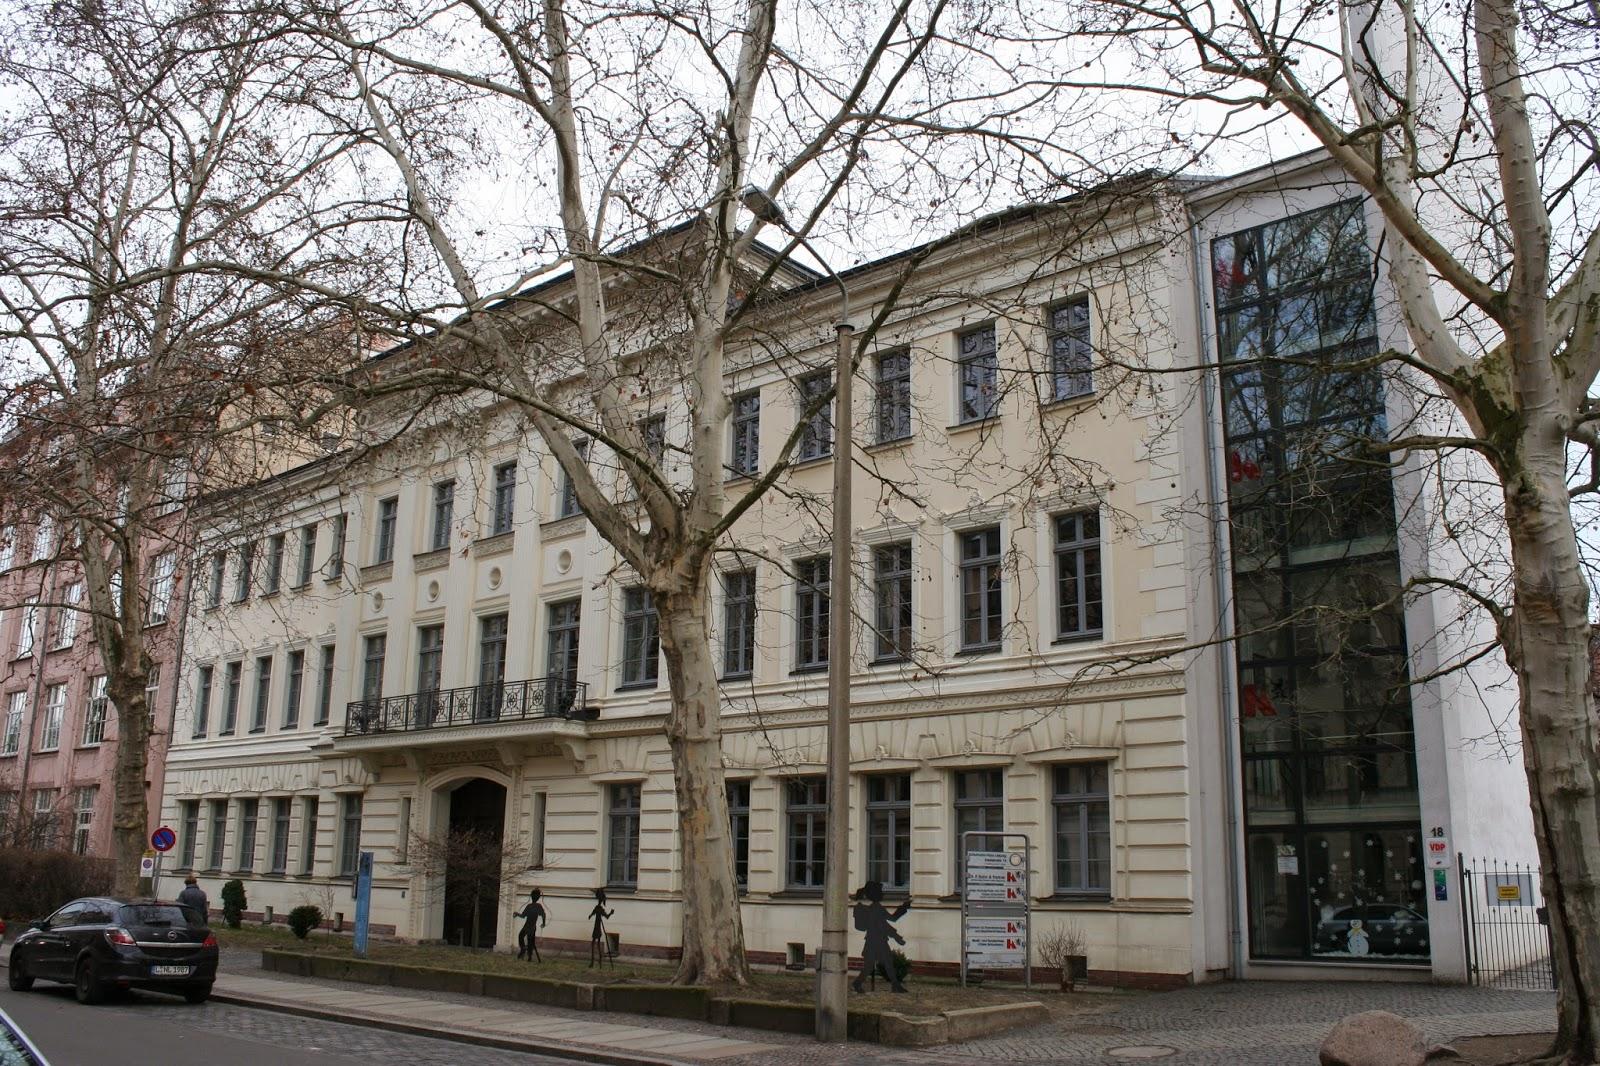 """Von 1840 bis 1844 lebten die beiden Schumanns im sogenannten """"Schumann-Haus"""" nahe des Zentrums in der Inselstraße - das Gebäude ansich wurde 1938 im klassizistischen Stil errichtet - aktuell befindet sich im Haus eine Grundschule und ein Museum, welches die Geschichte der Familie erzählt"""